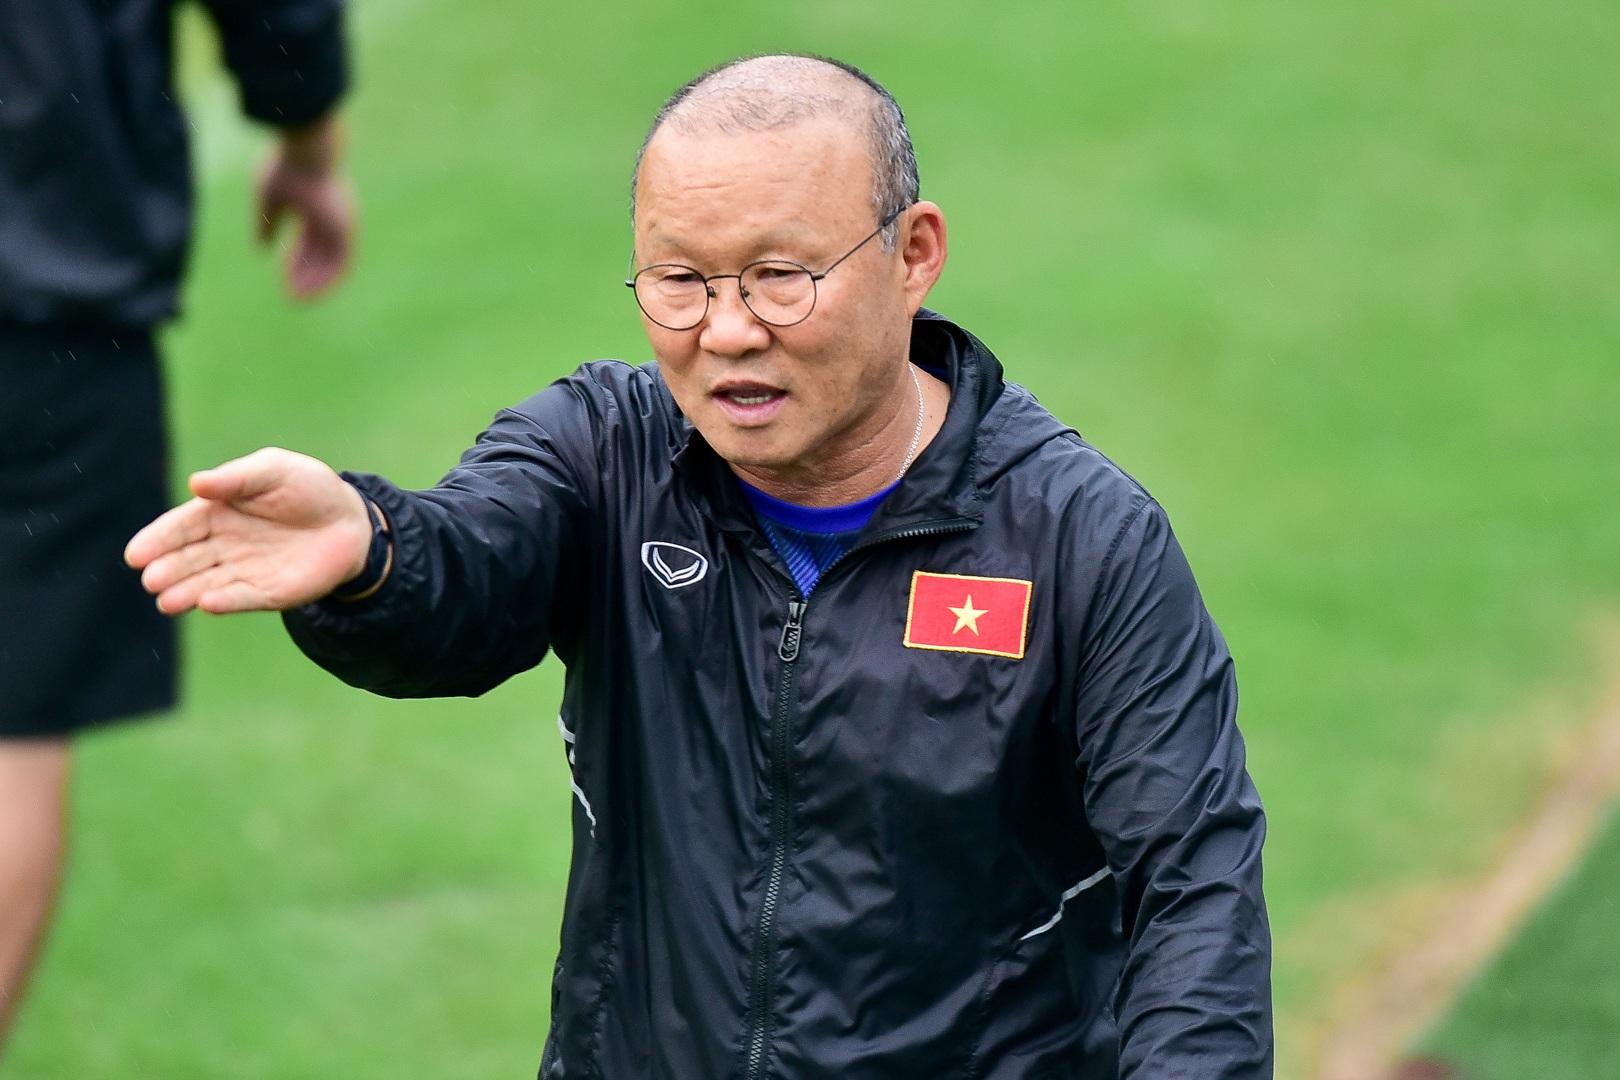 HLV Park Hang Seo hỏi thăm Quang Hải, tự tay kiểm tra vết thương Thành Chung - 14